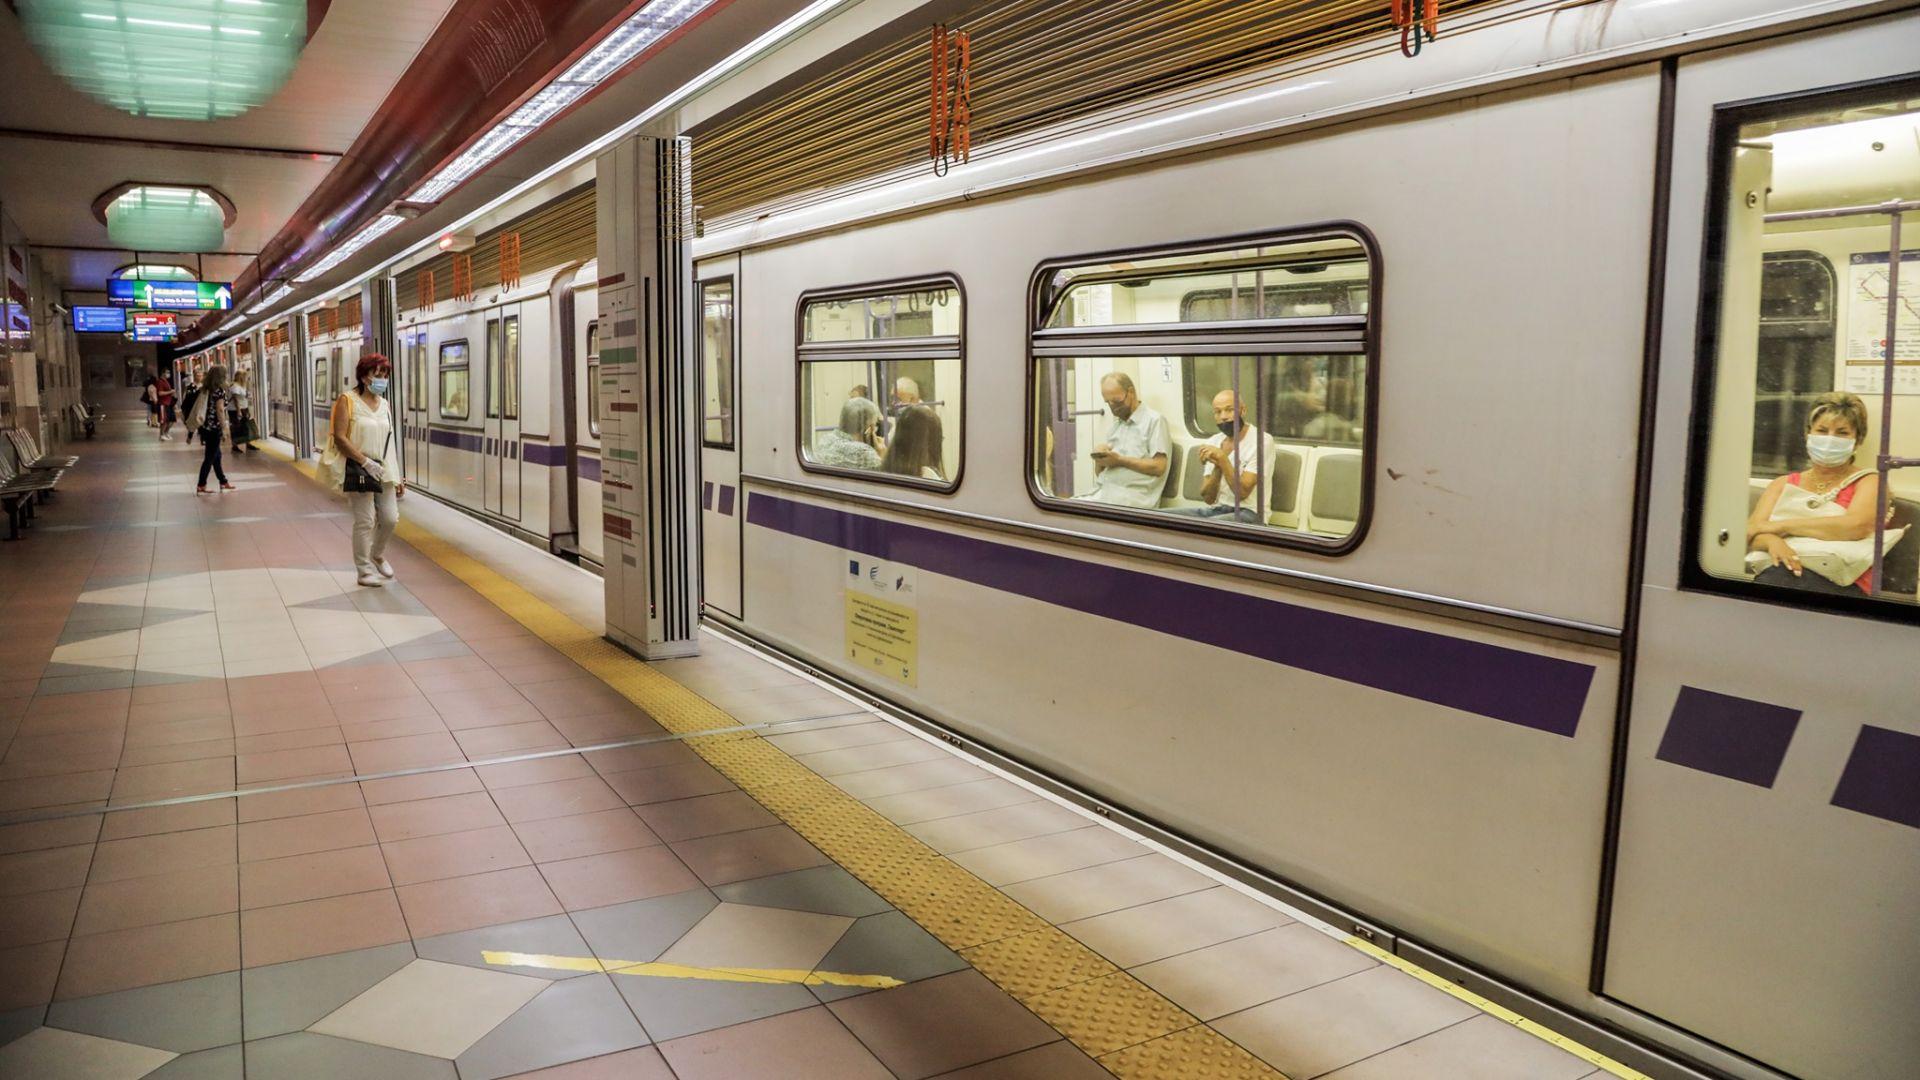 Късо съединение задими метростанция и спря мотрисите